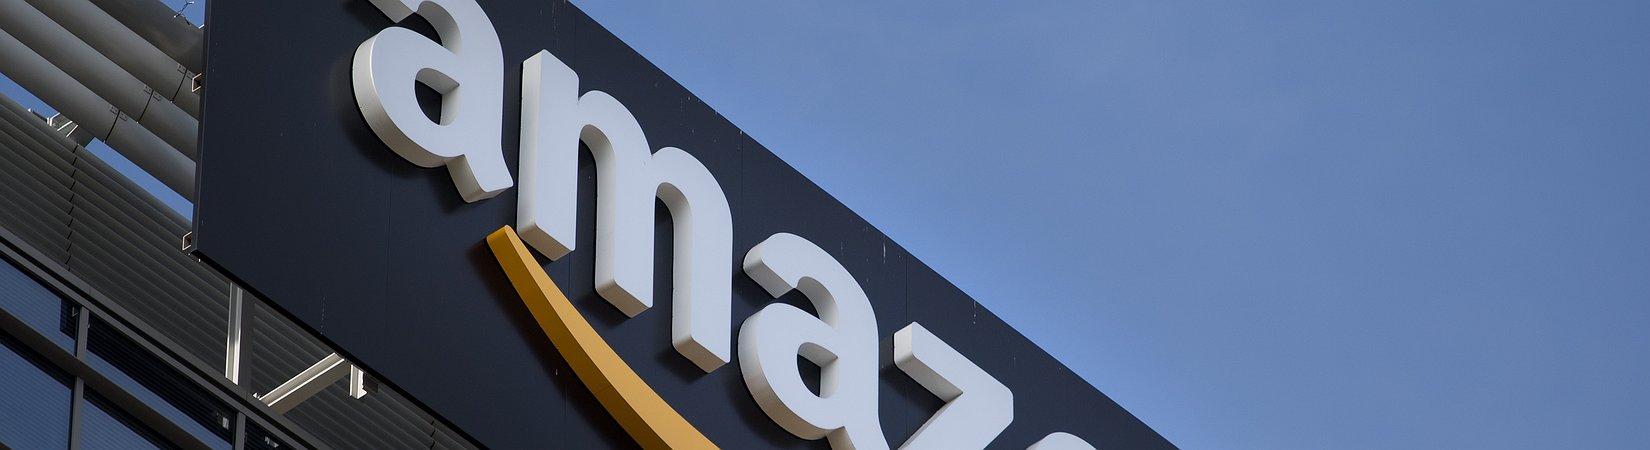 Amazon compra 3 nombres de dominio relacionados con las criptomonedas